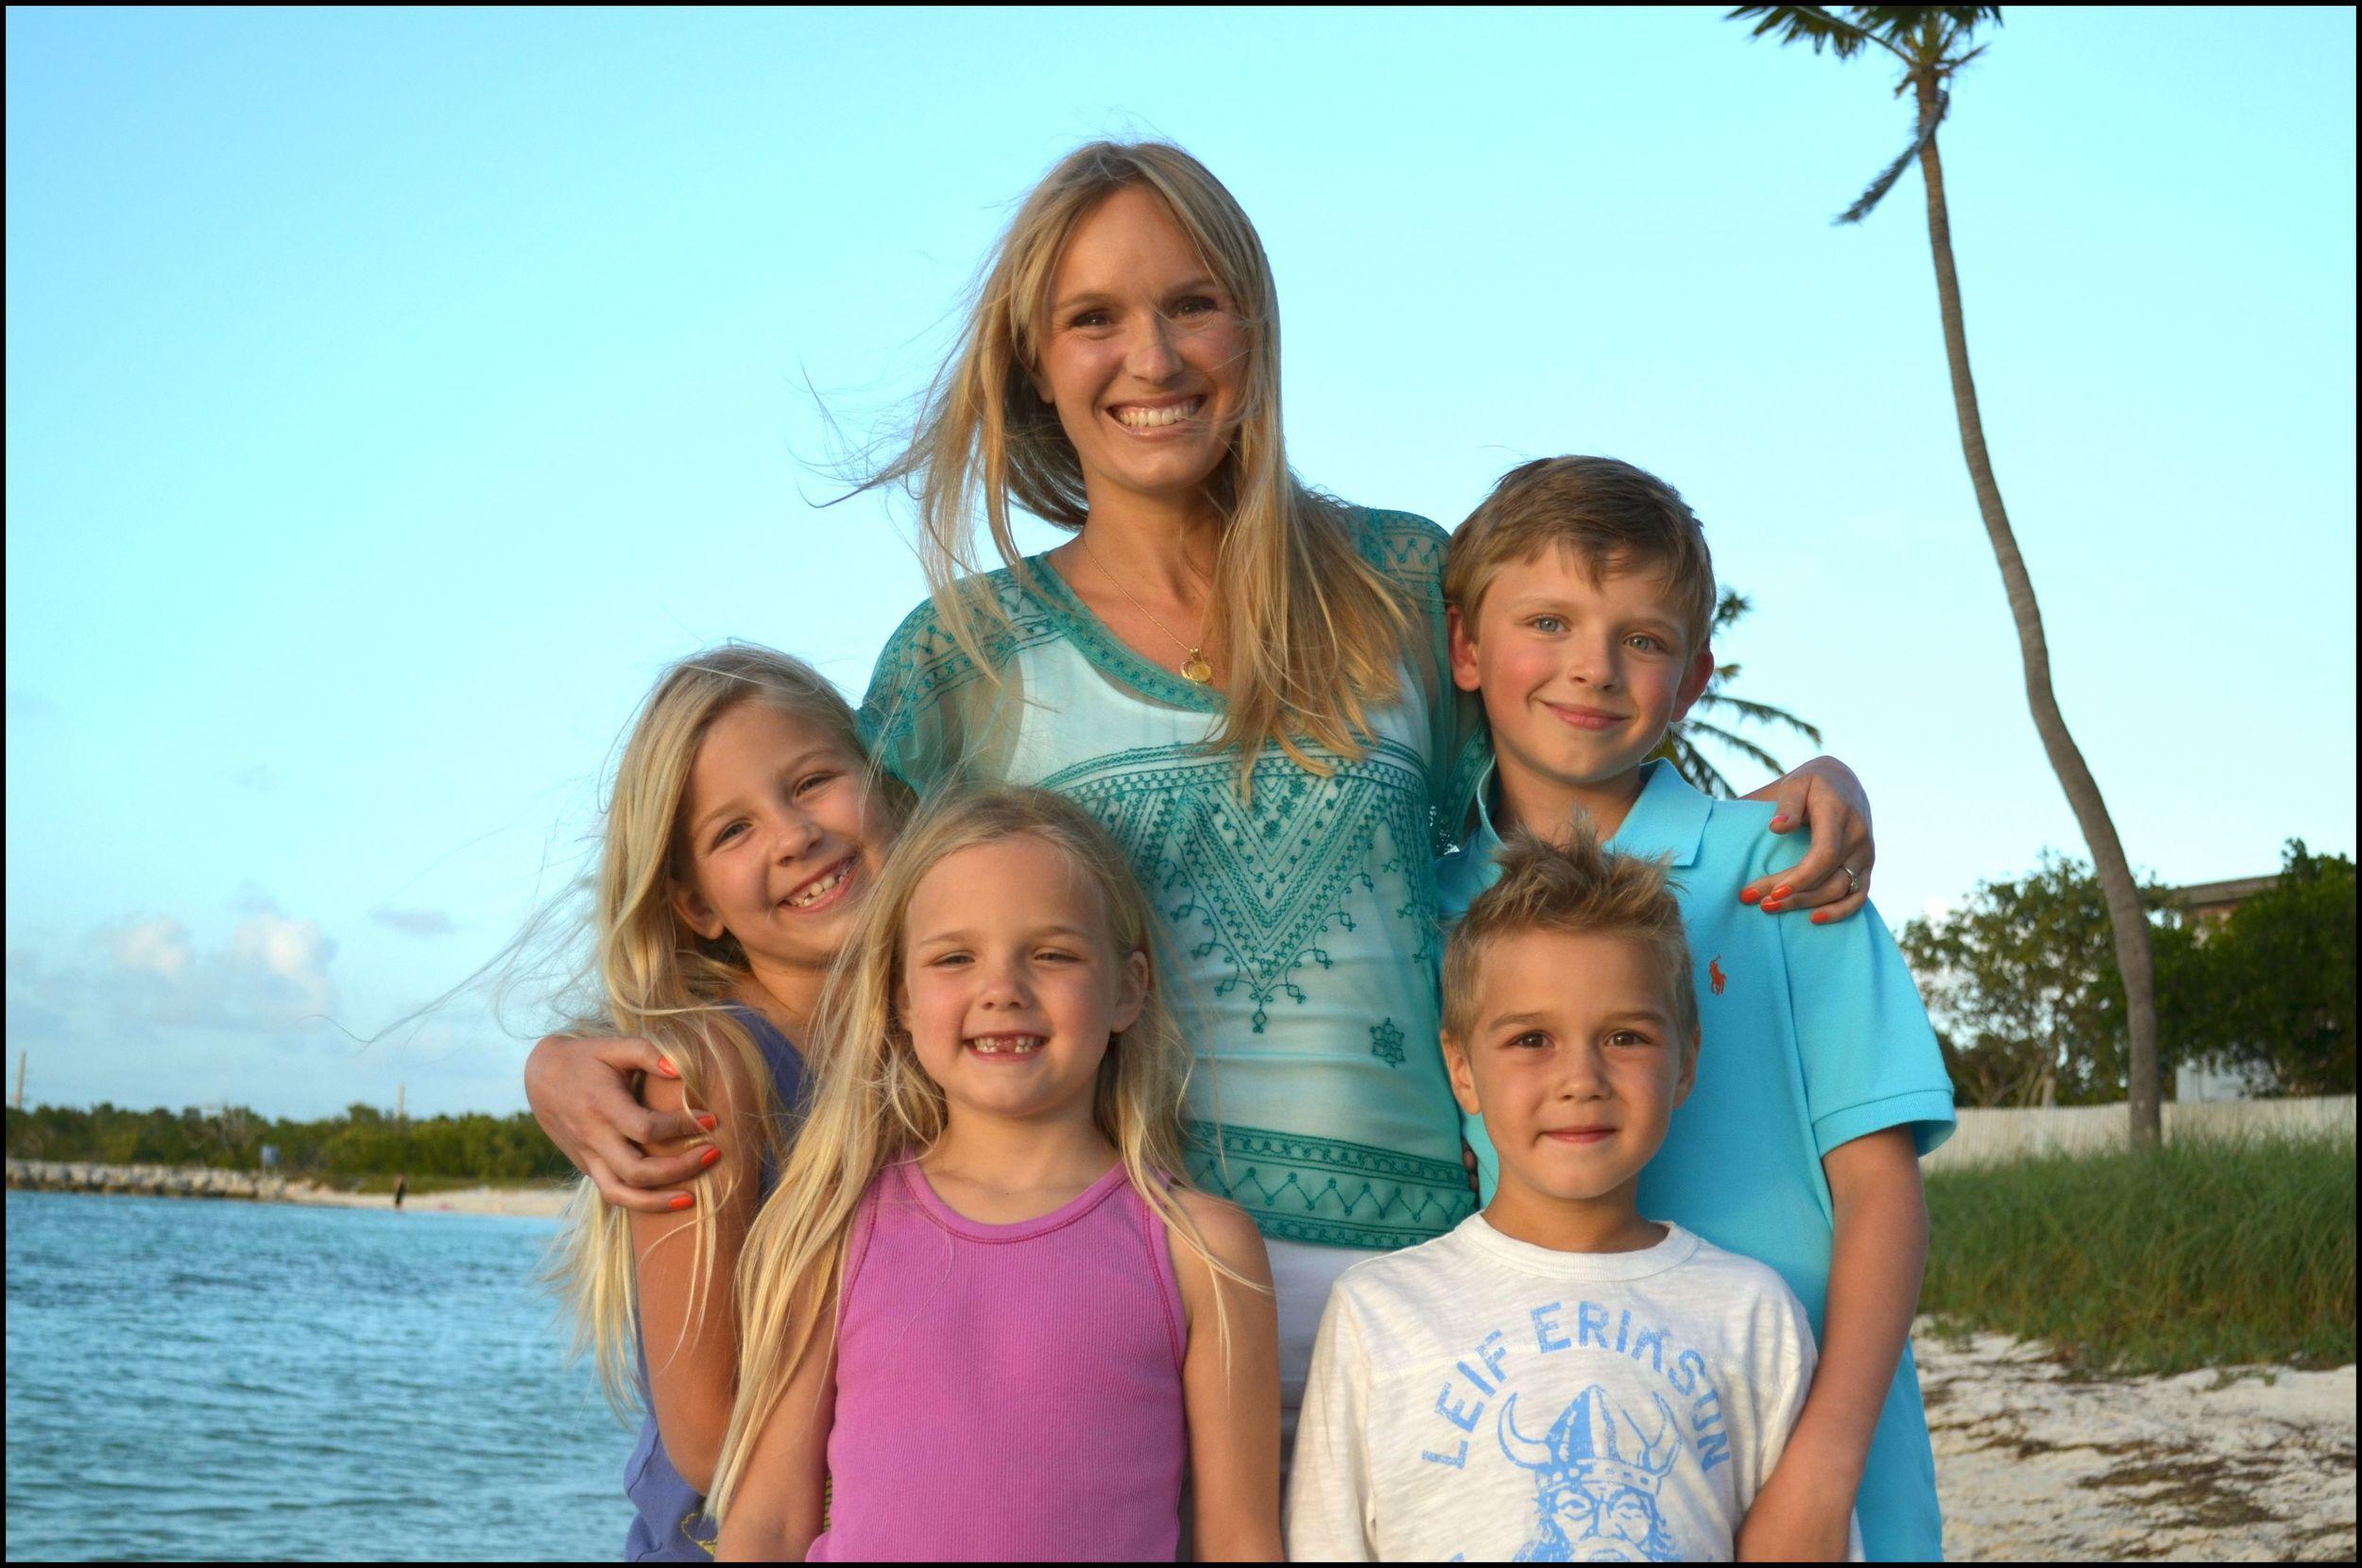 Buena Vida Familia